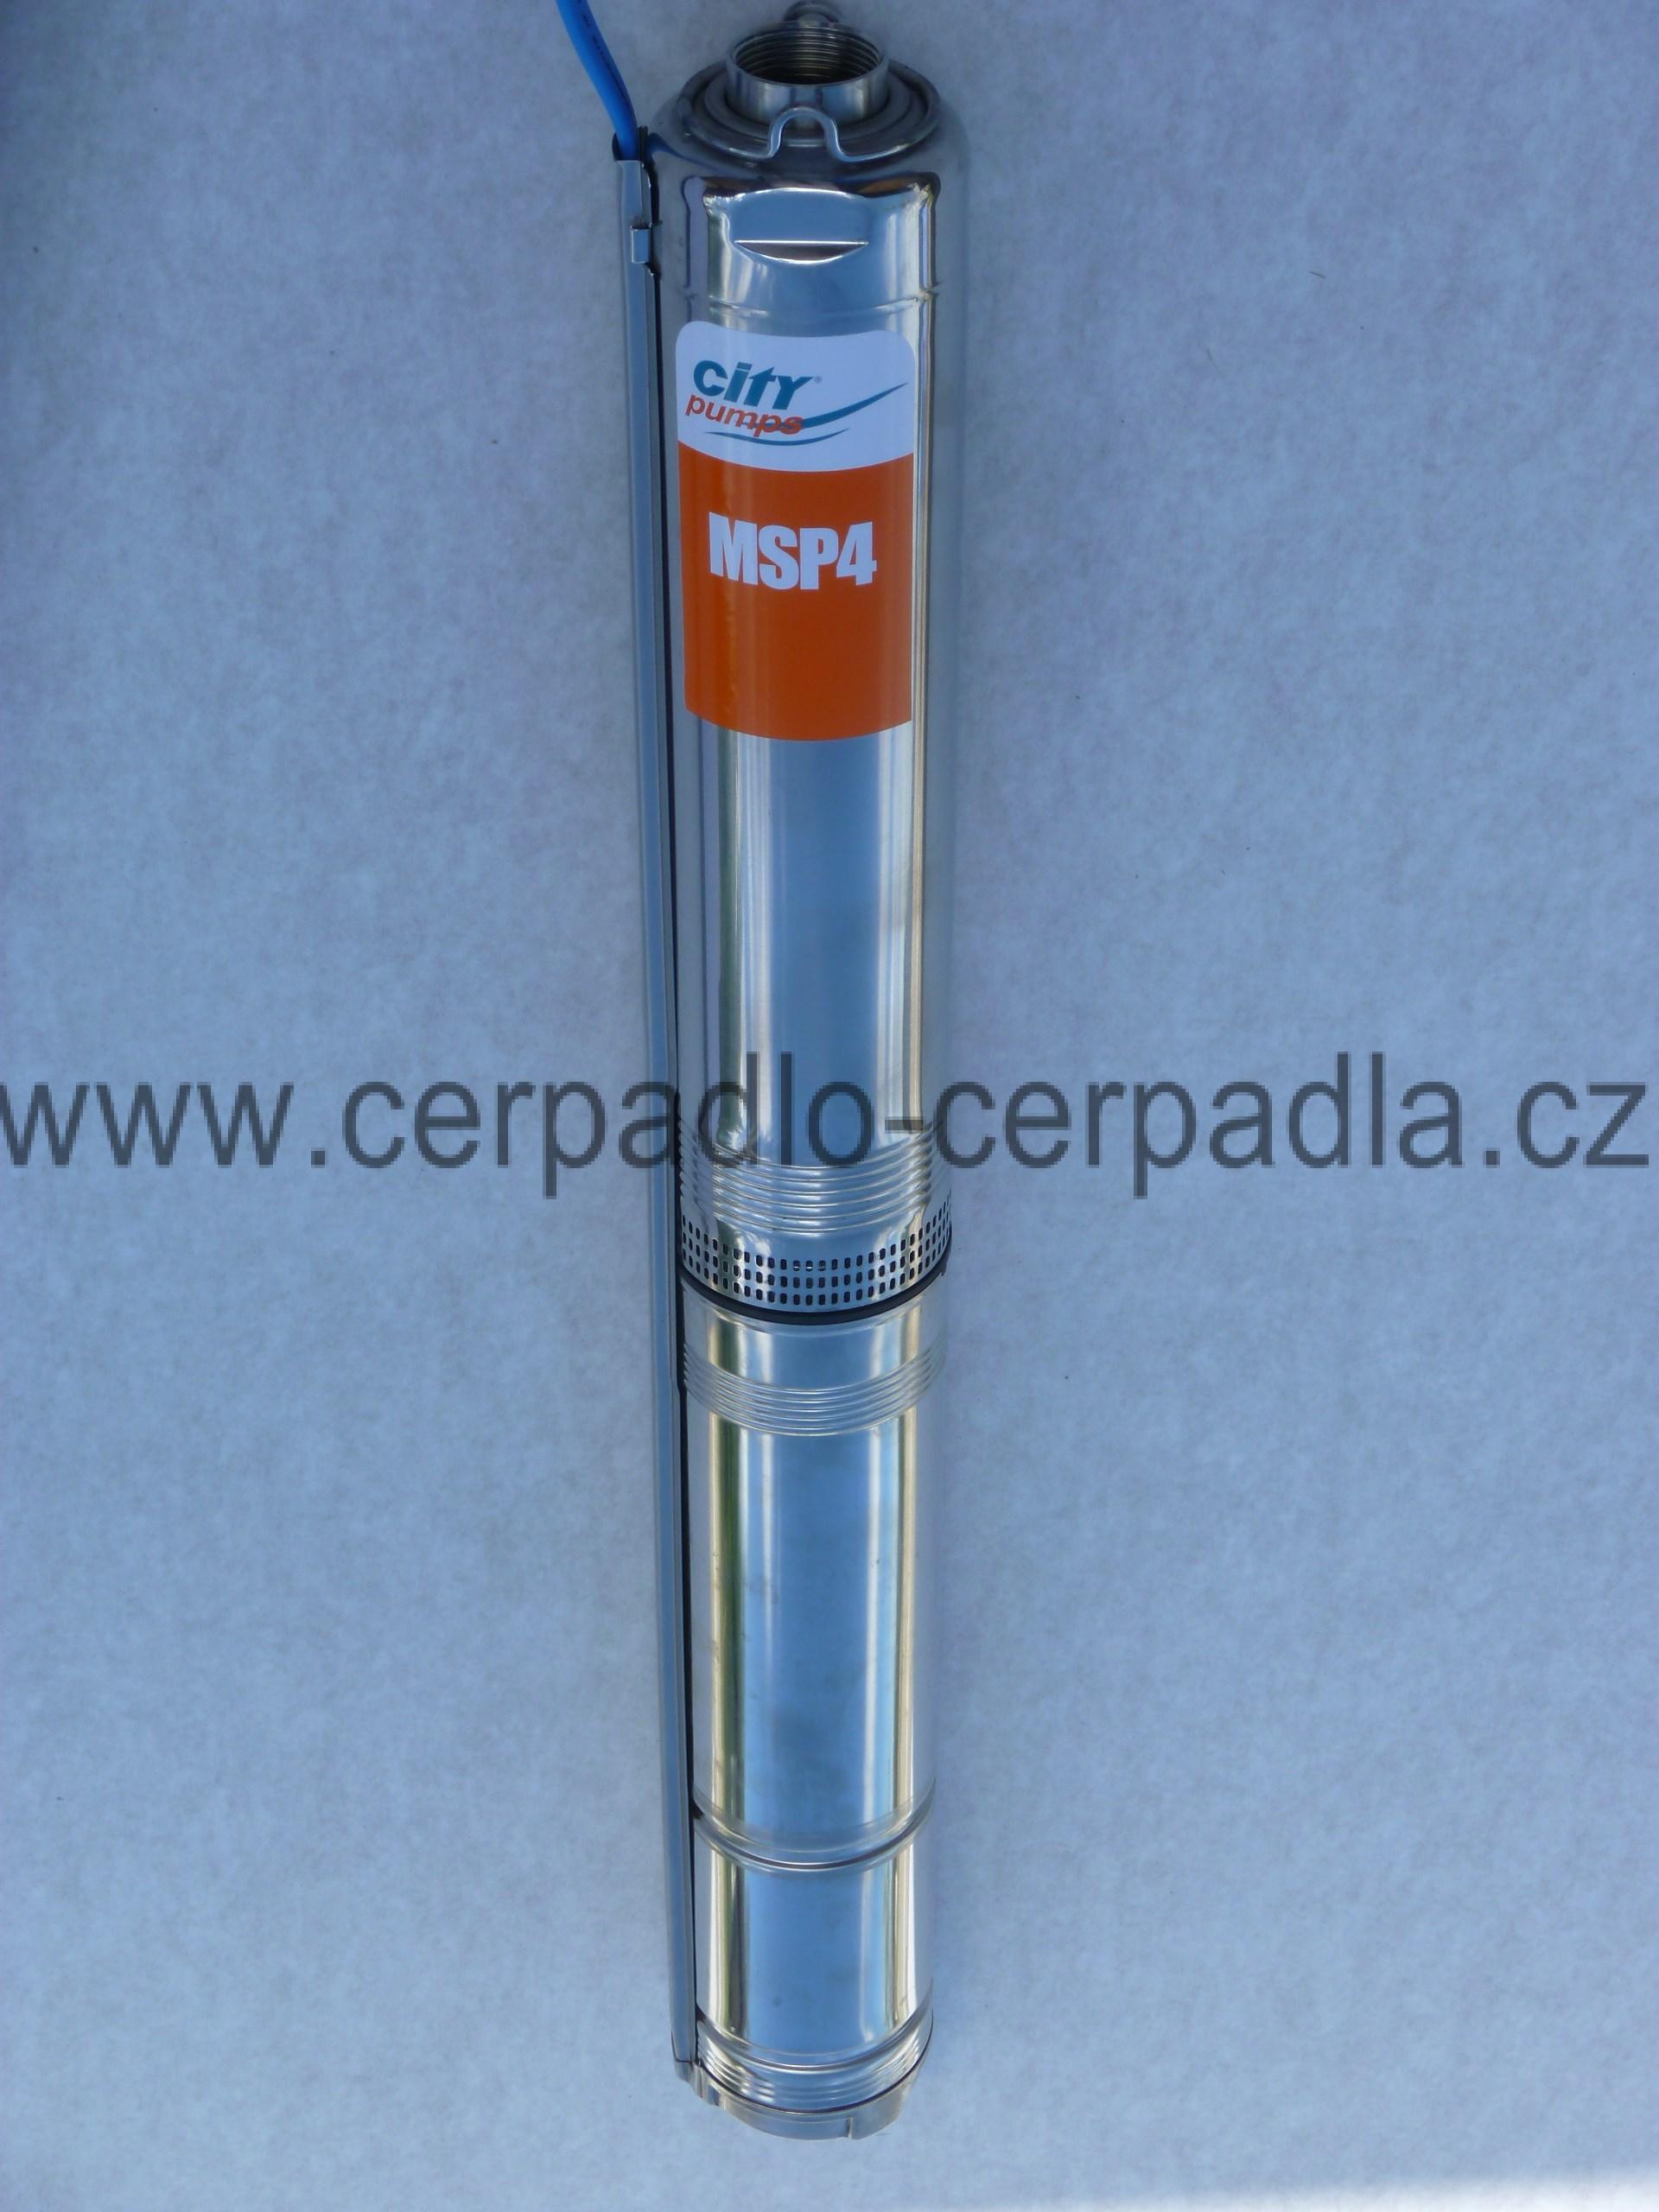 2MSP10-4 ponorné čerpadlo 50m kabel 230V, City Pumps (ponorná nerezová čerpadla MSP 4 do vrtu, ponorné čerpadlo City Pumps)